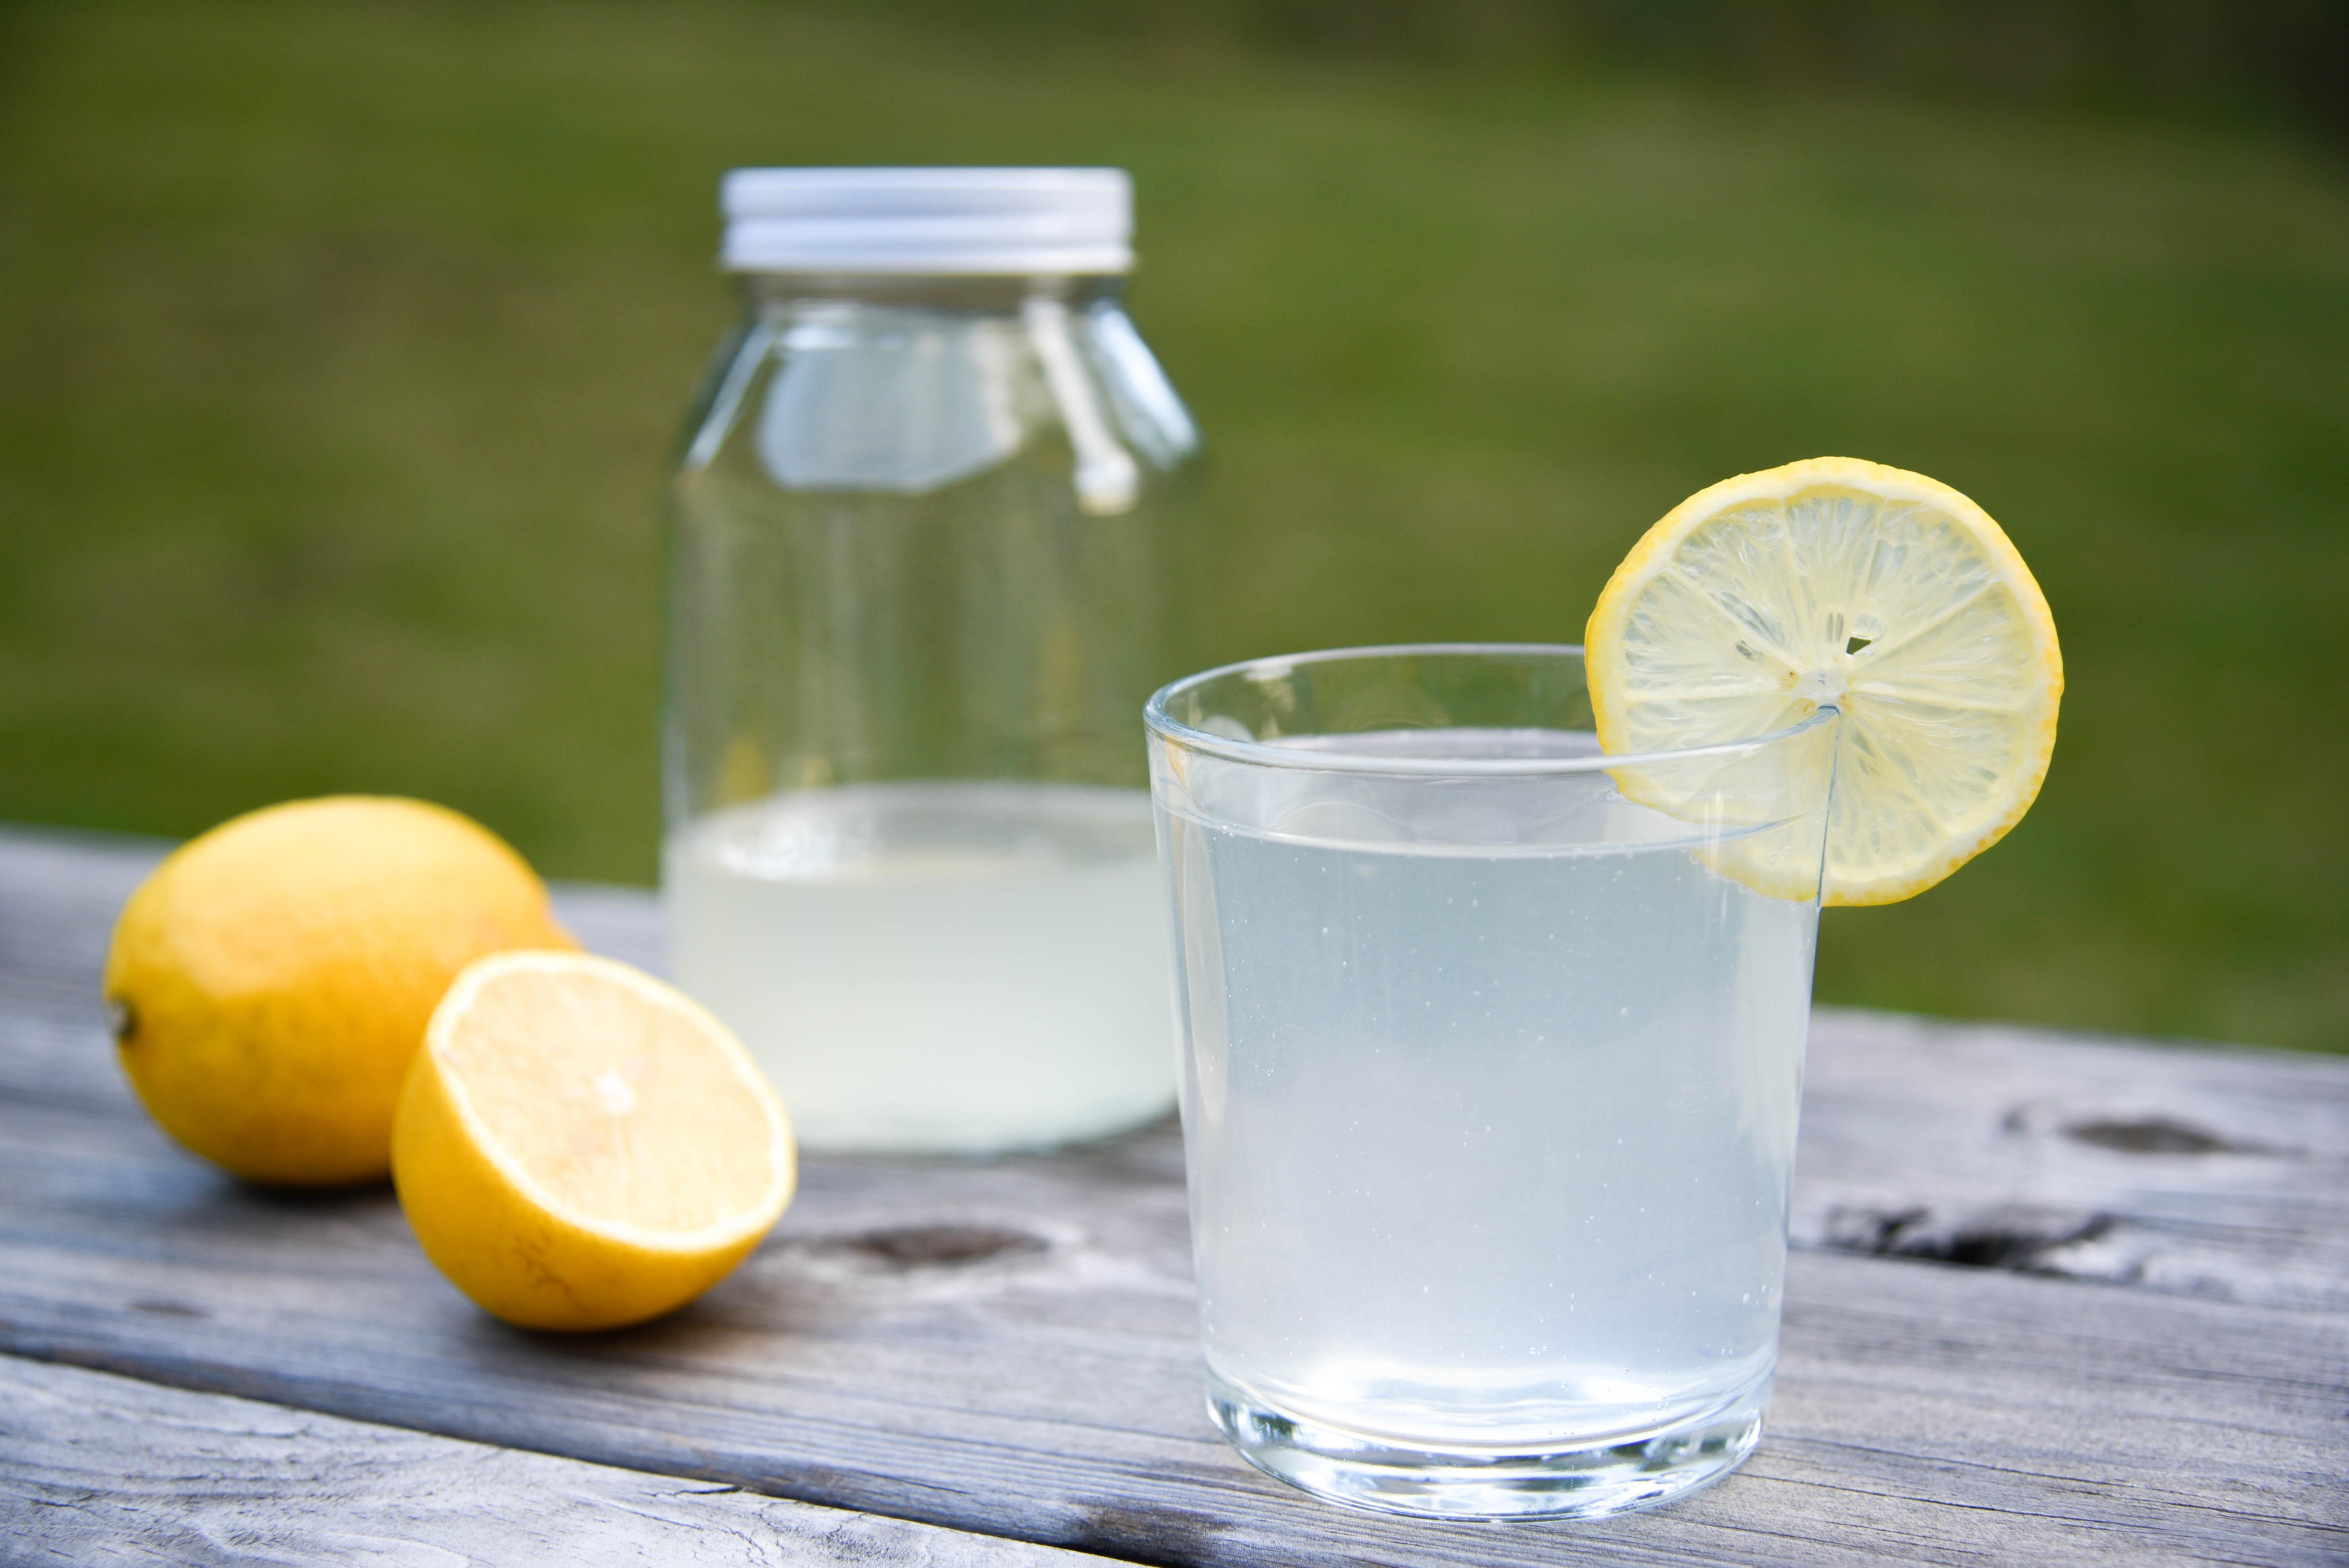 Glass with lemon slice and lemons.